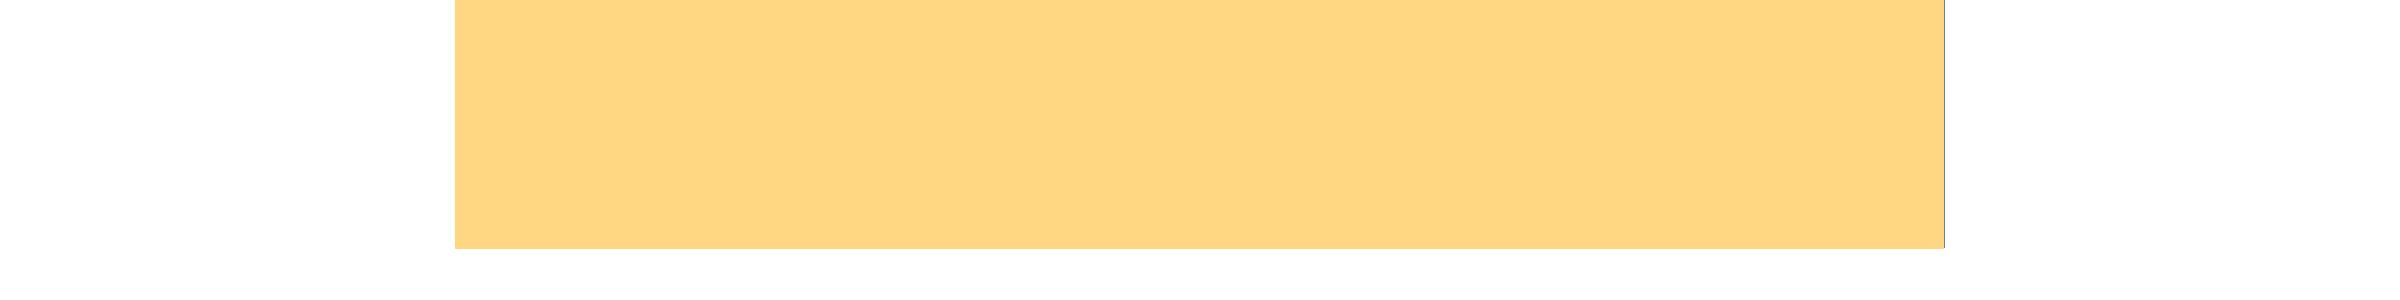 """<h3 style=""""font-weight:500; text-align:center; margin-left:10%; margin-right:10%;"""">Alltid fri frakt och fria returer på alla beställningar online</h3>"""